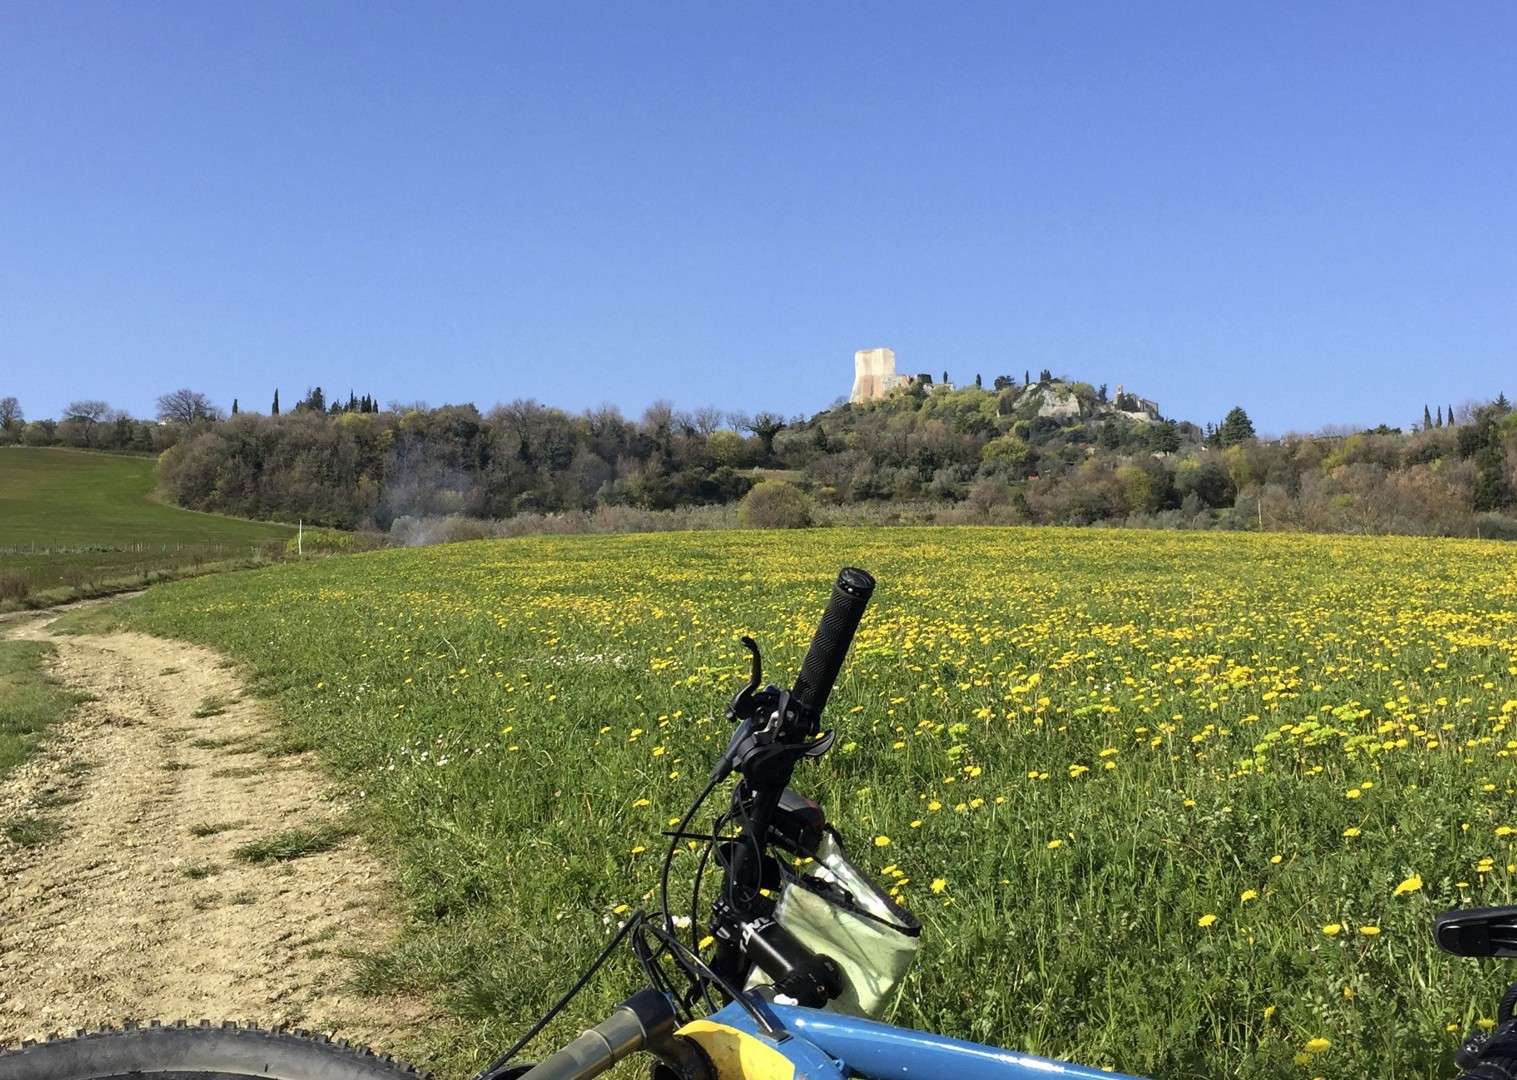 cycling-holiday-italy-viafrancigena-countryside.jpg - Italy - Via Francigena (Tuscany to Rome) - Guided Mountain Biking Holiday - Mountain Biking